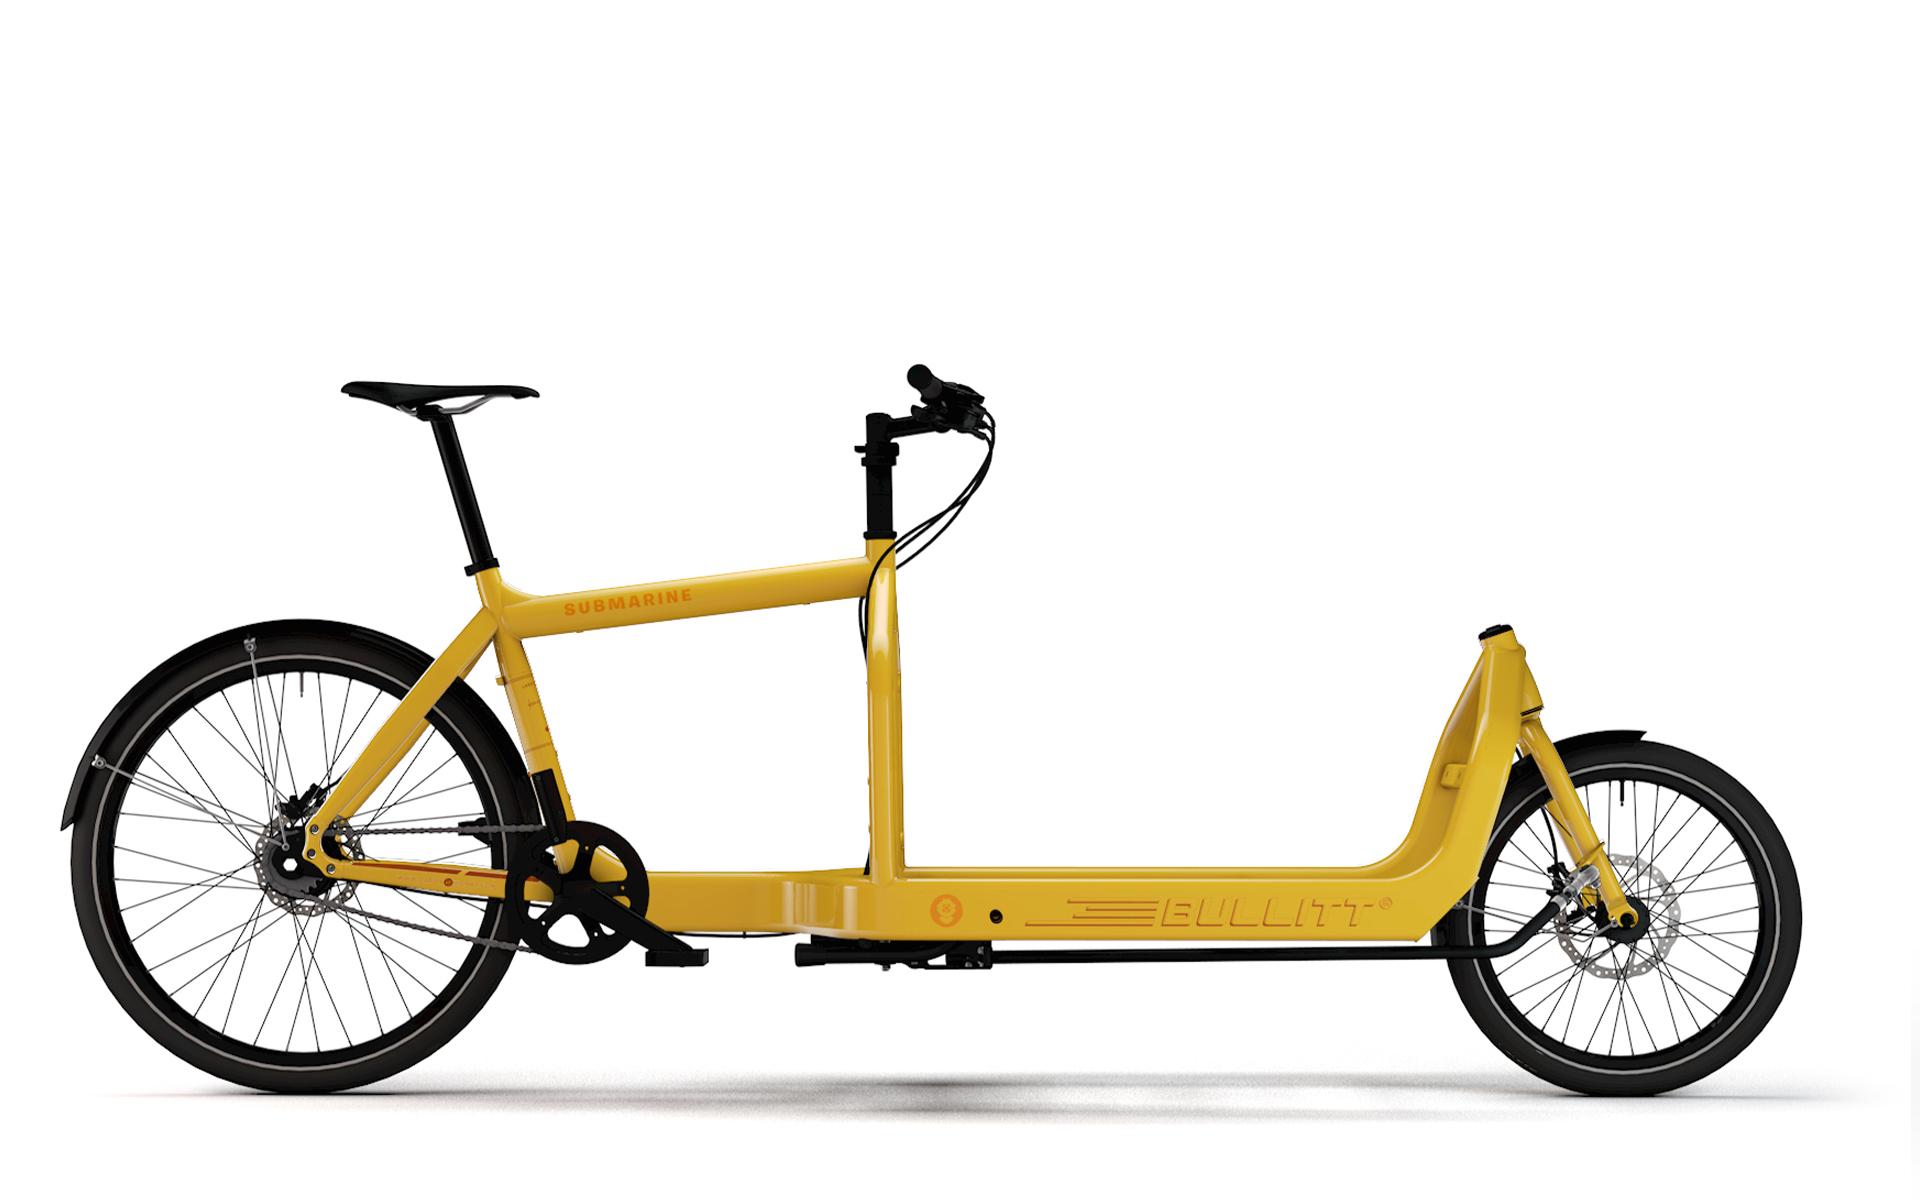 bullitt cykel